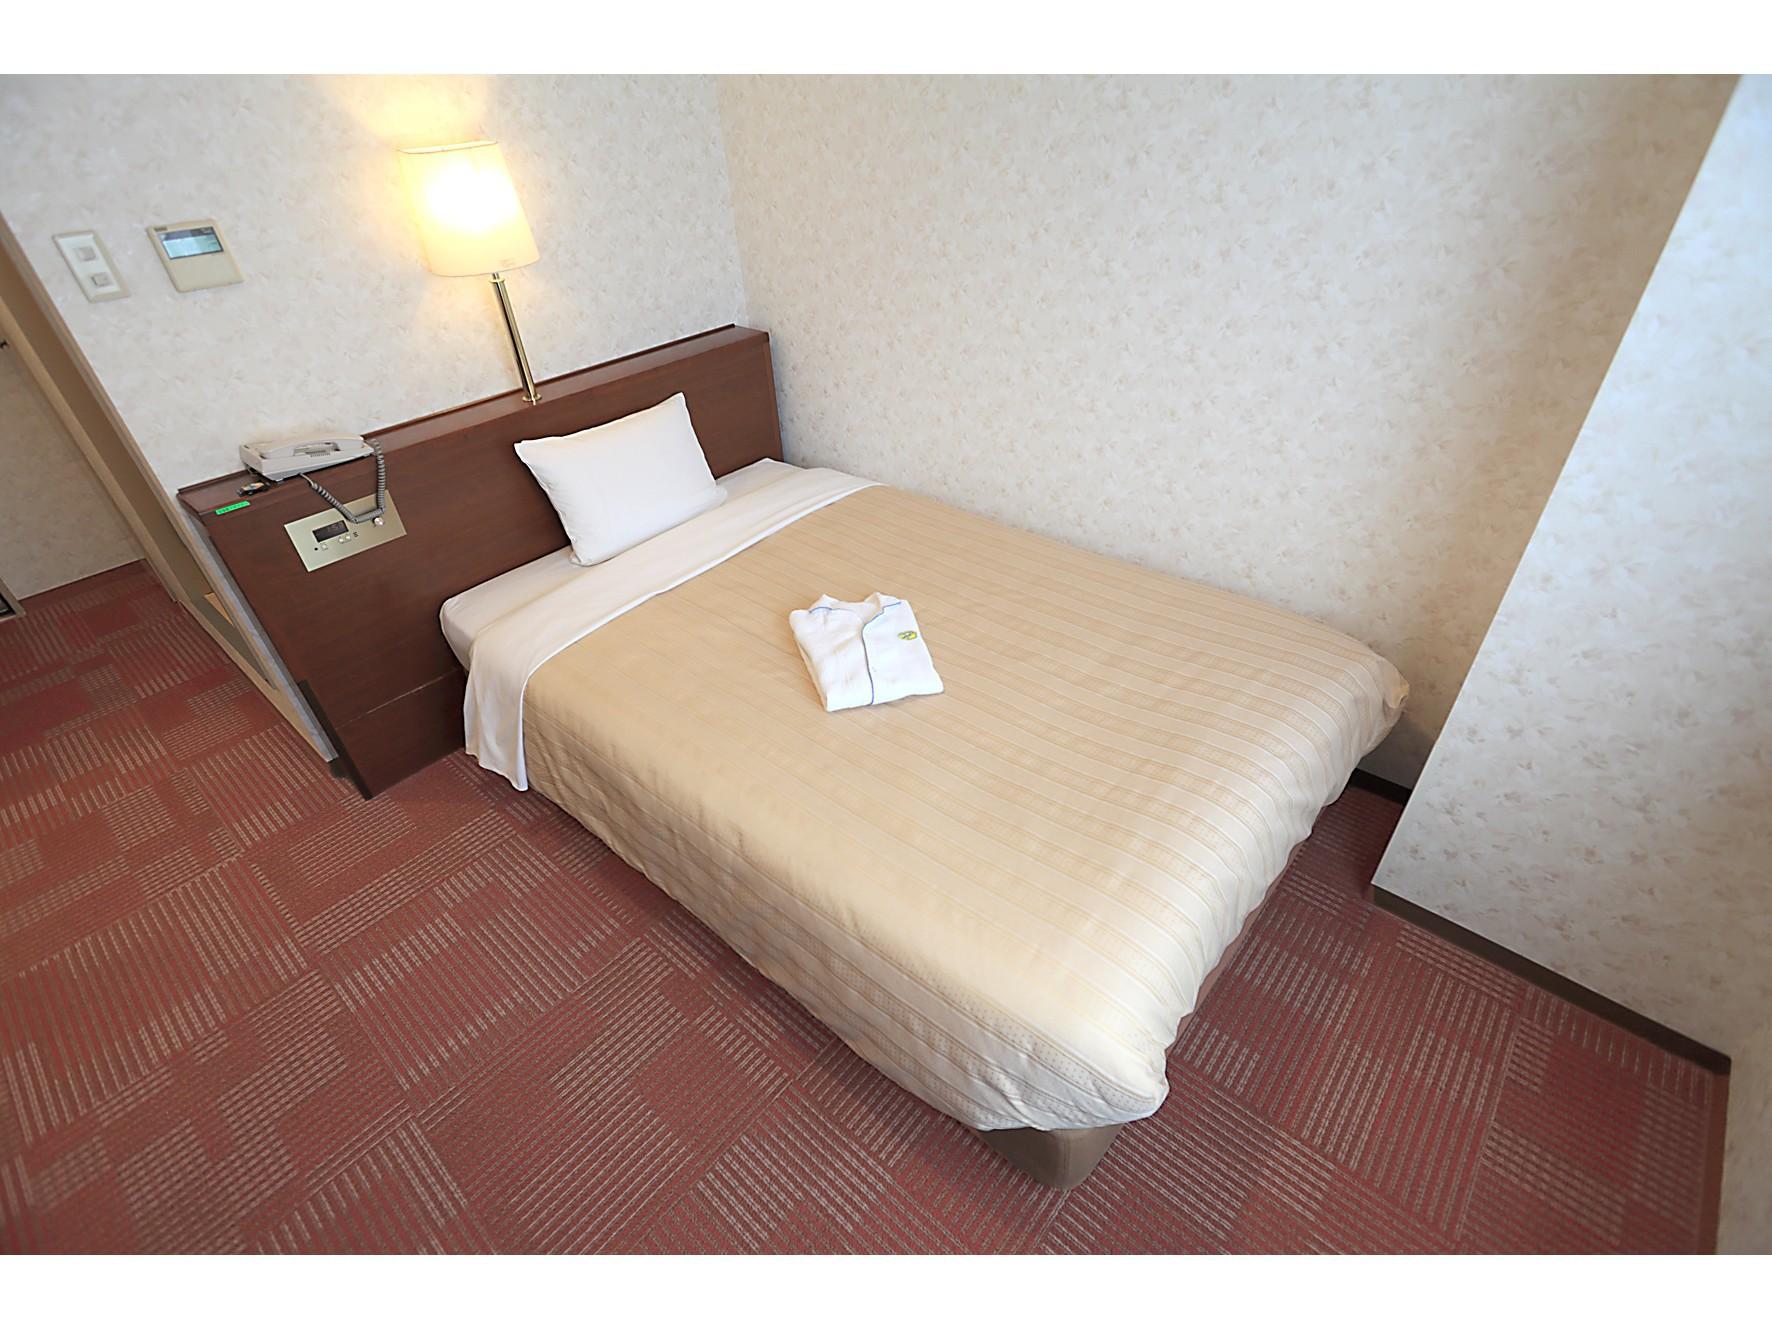 久米川ウィングホテル image